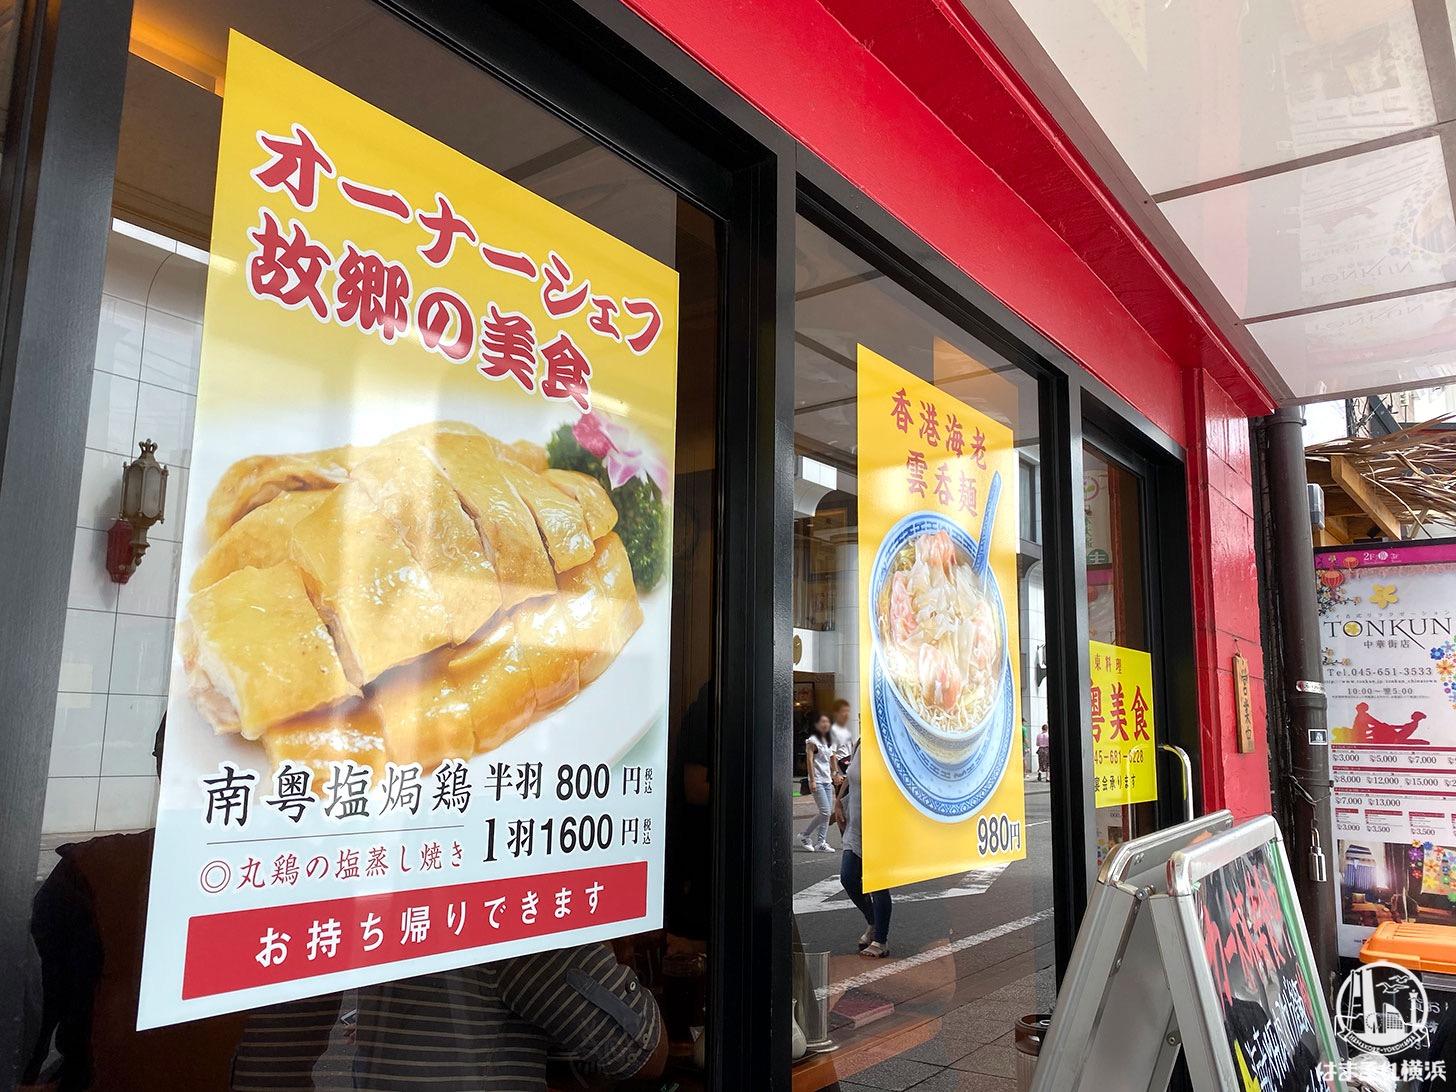 横浜 中華 街 南 号 美食